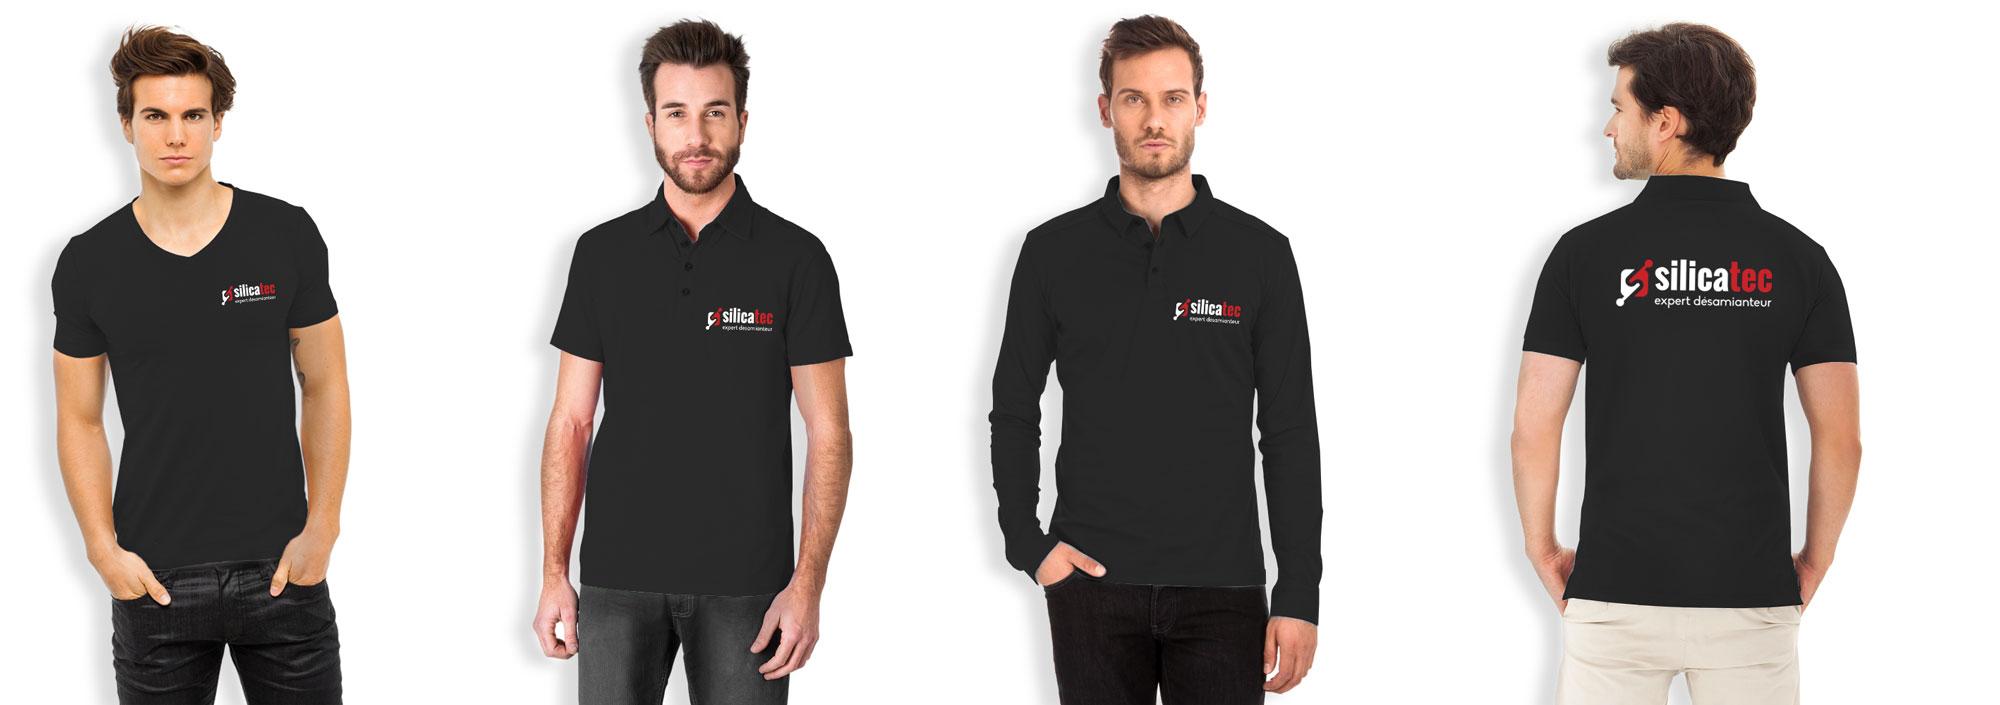 Tshirt-noir-Silicatec-MU